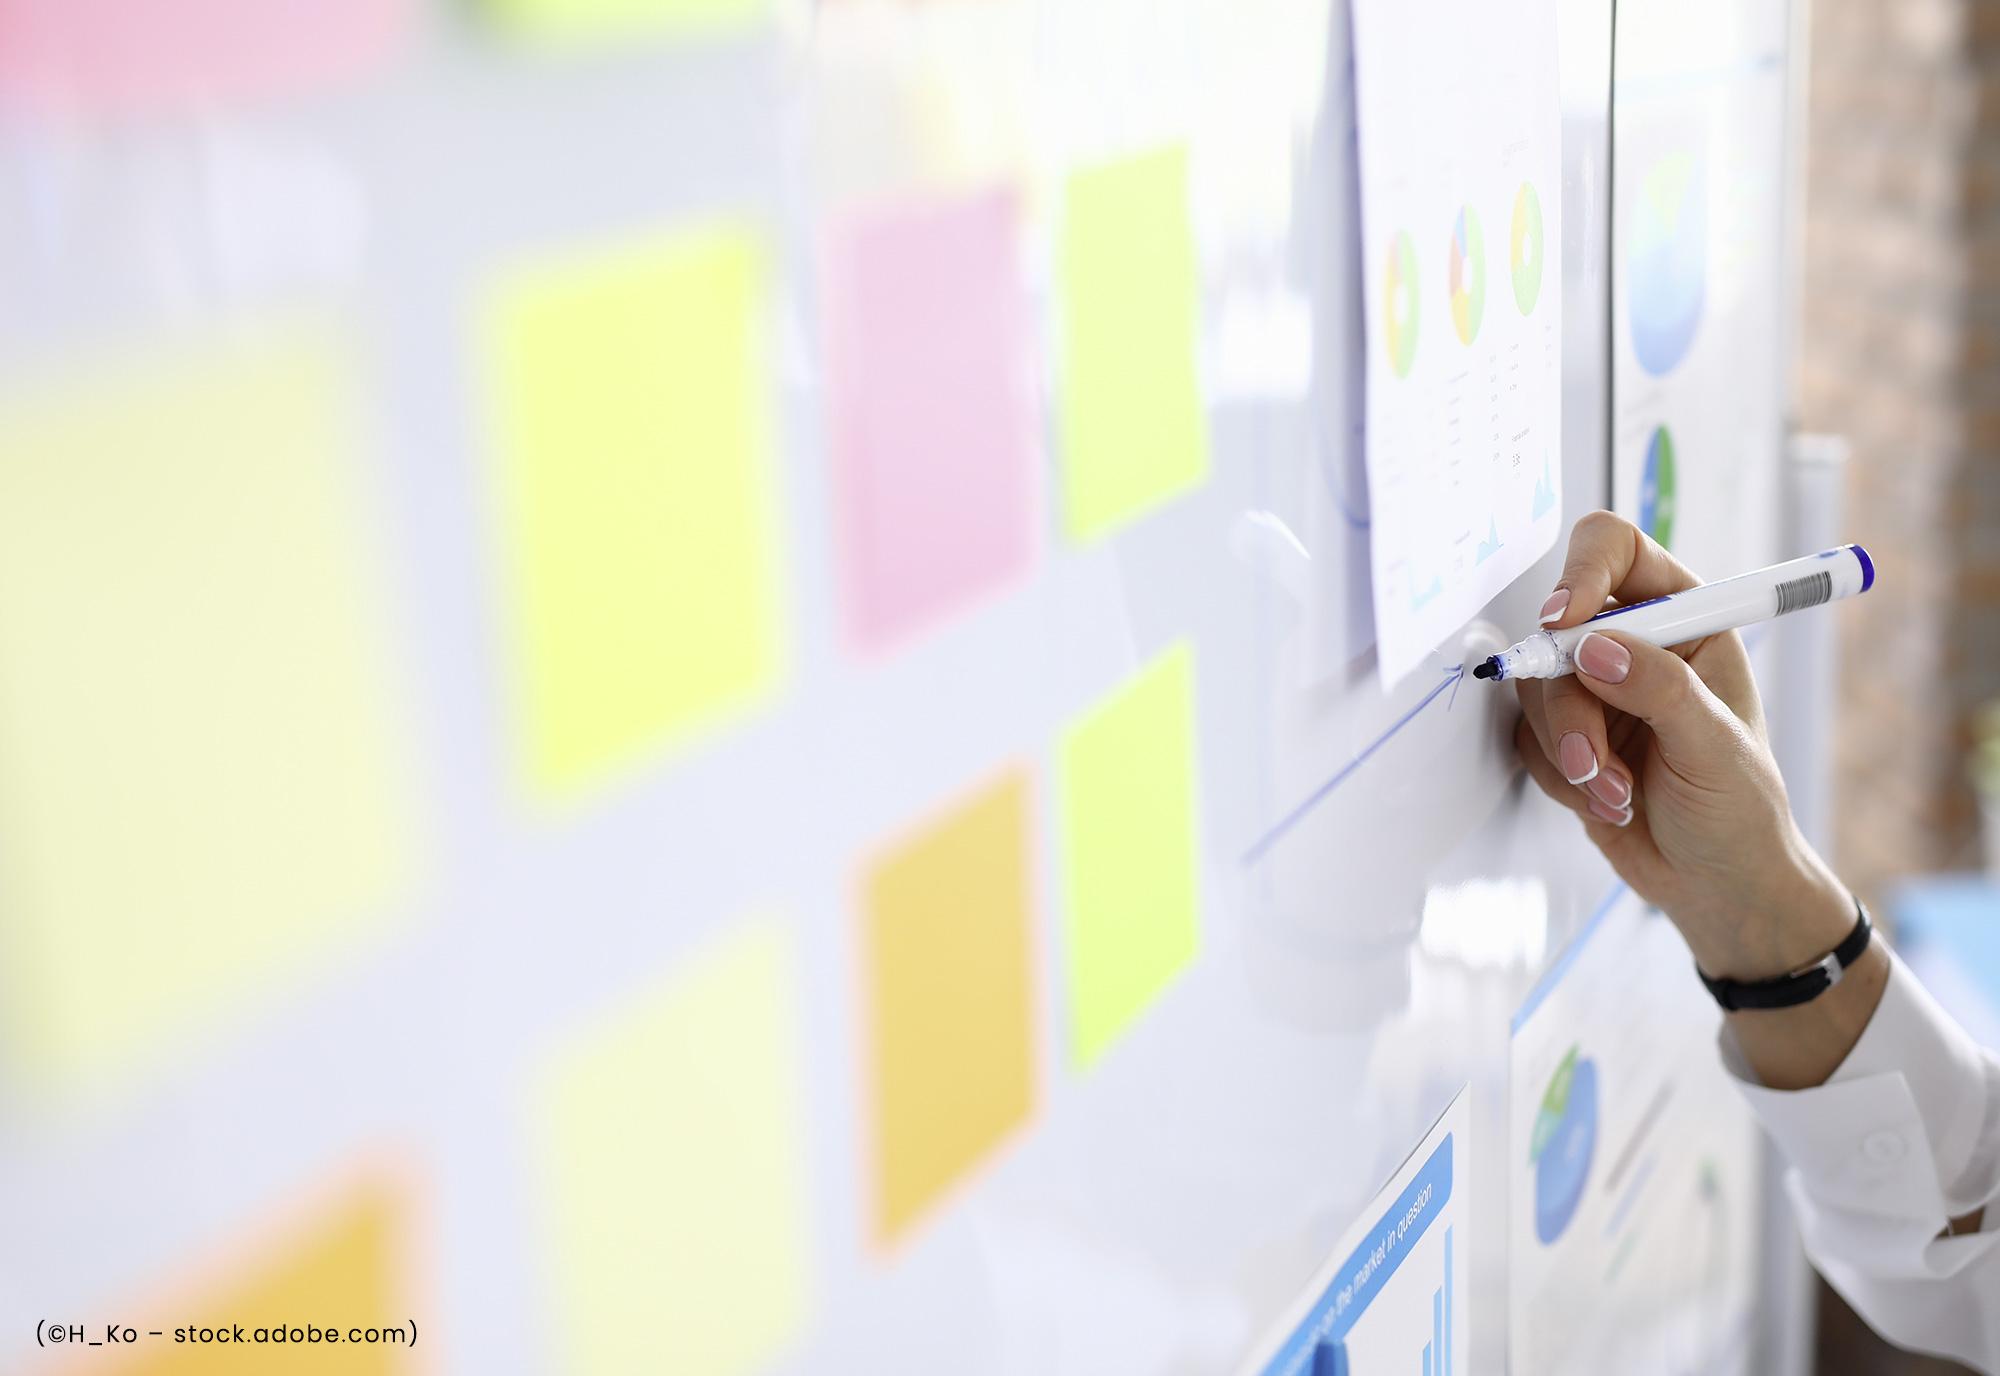 Frau zeichnet an weißem Board einen Belegungsplan